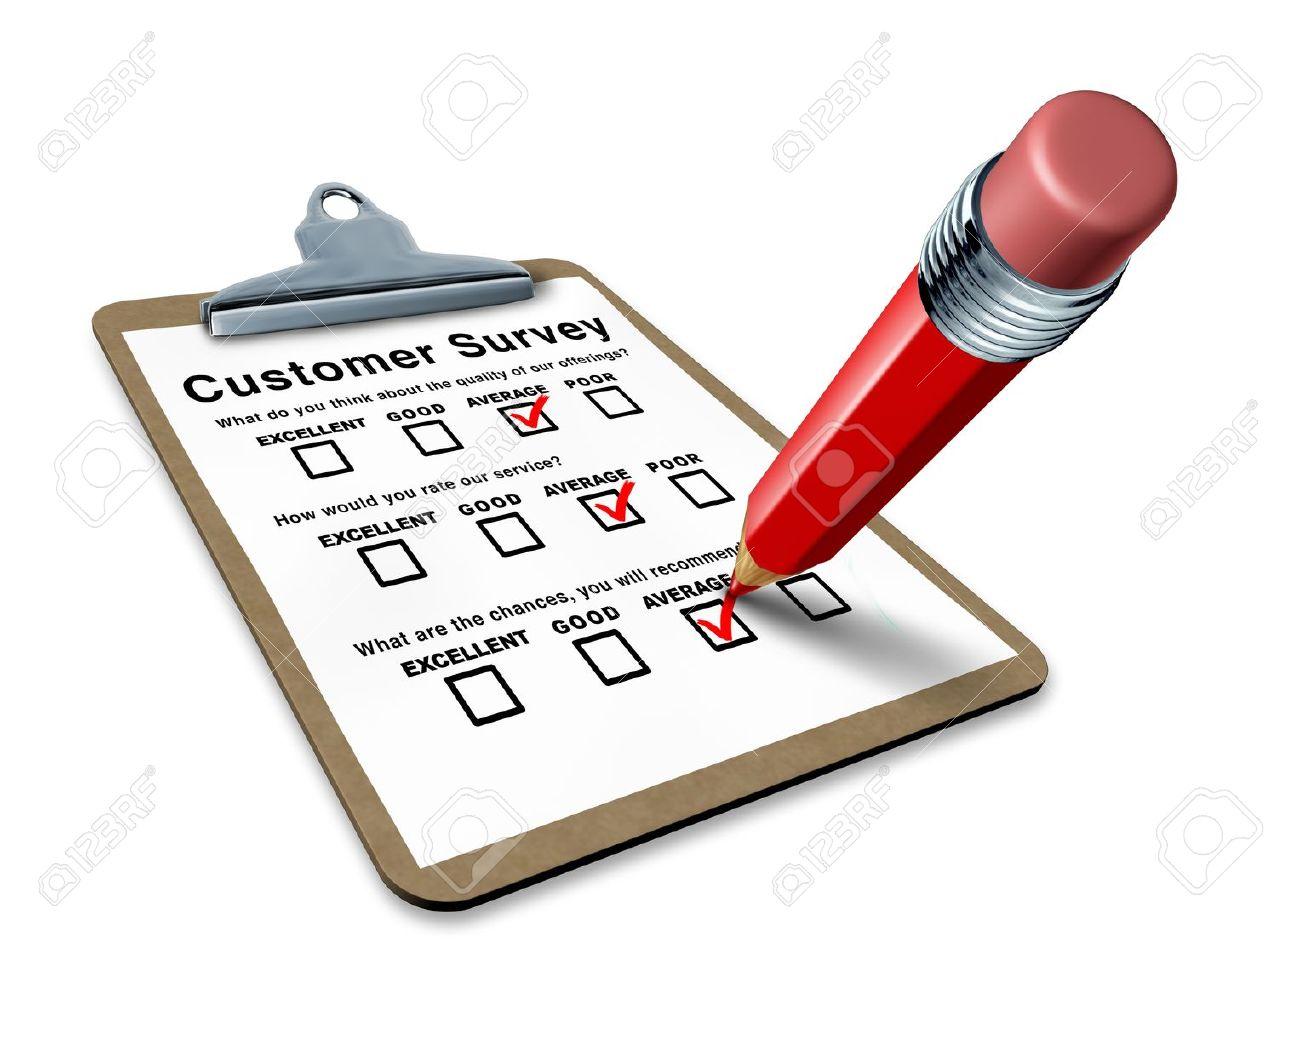 Survey questionnaire clipart.